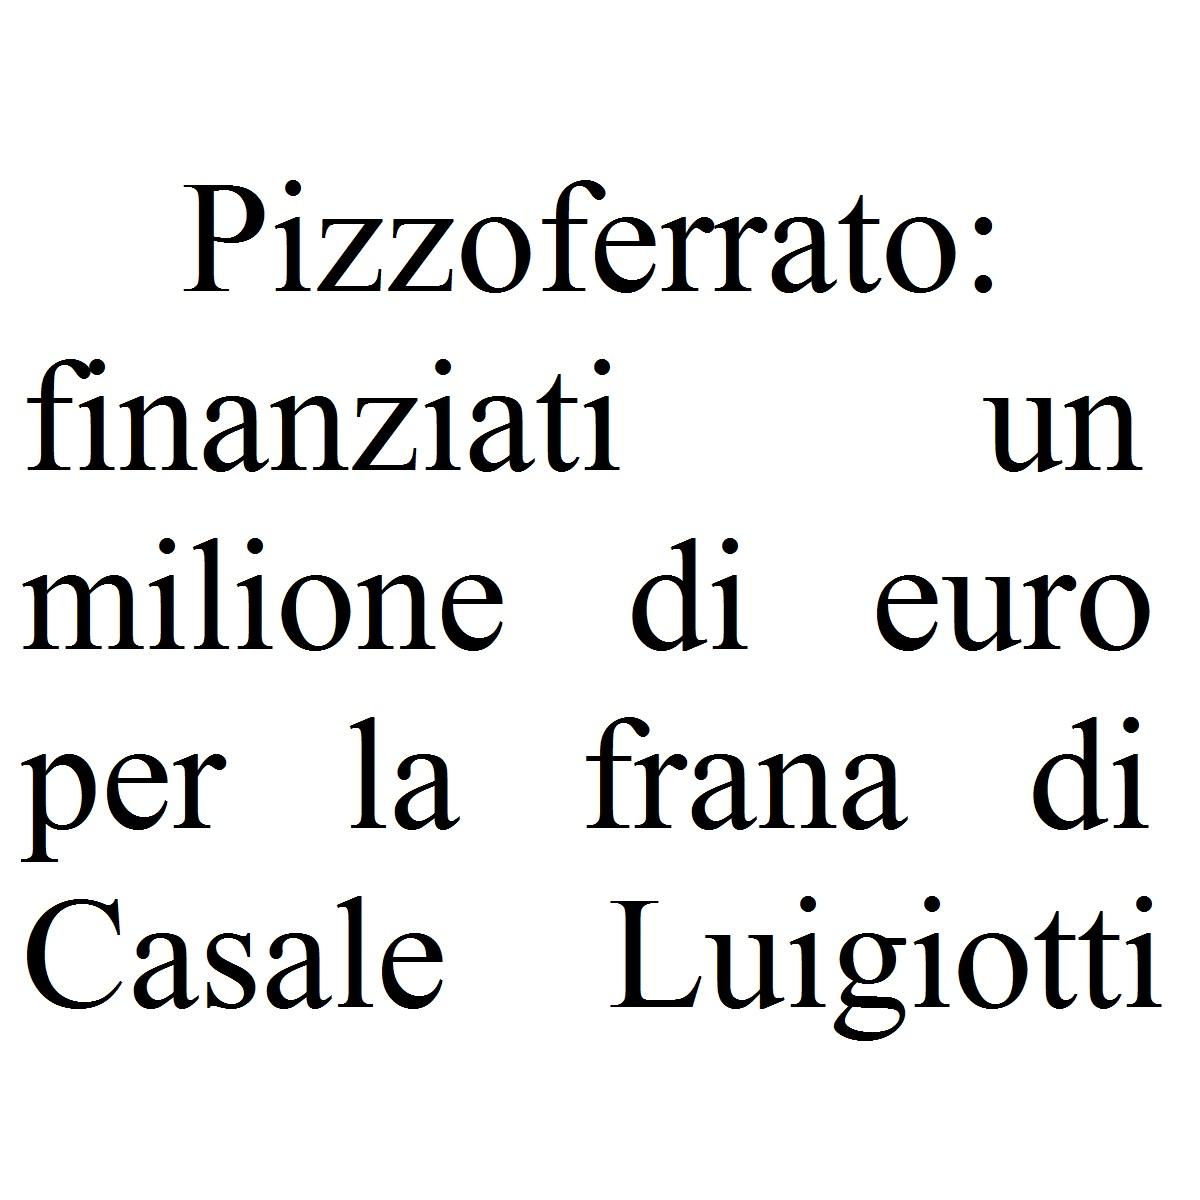 Pizzoferrato finanziati un milione di euro per la frana di Casale Luigiotti foto